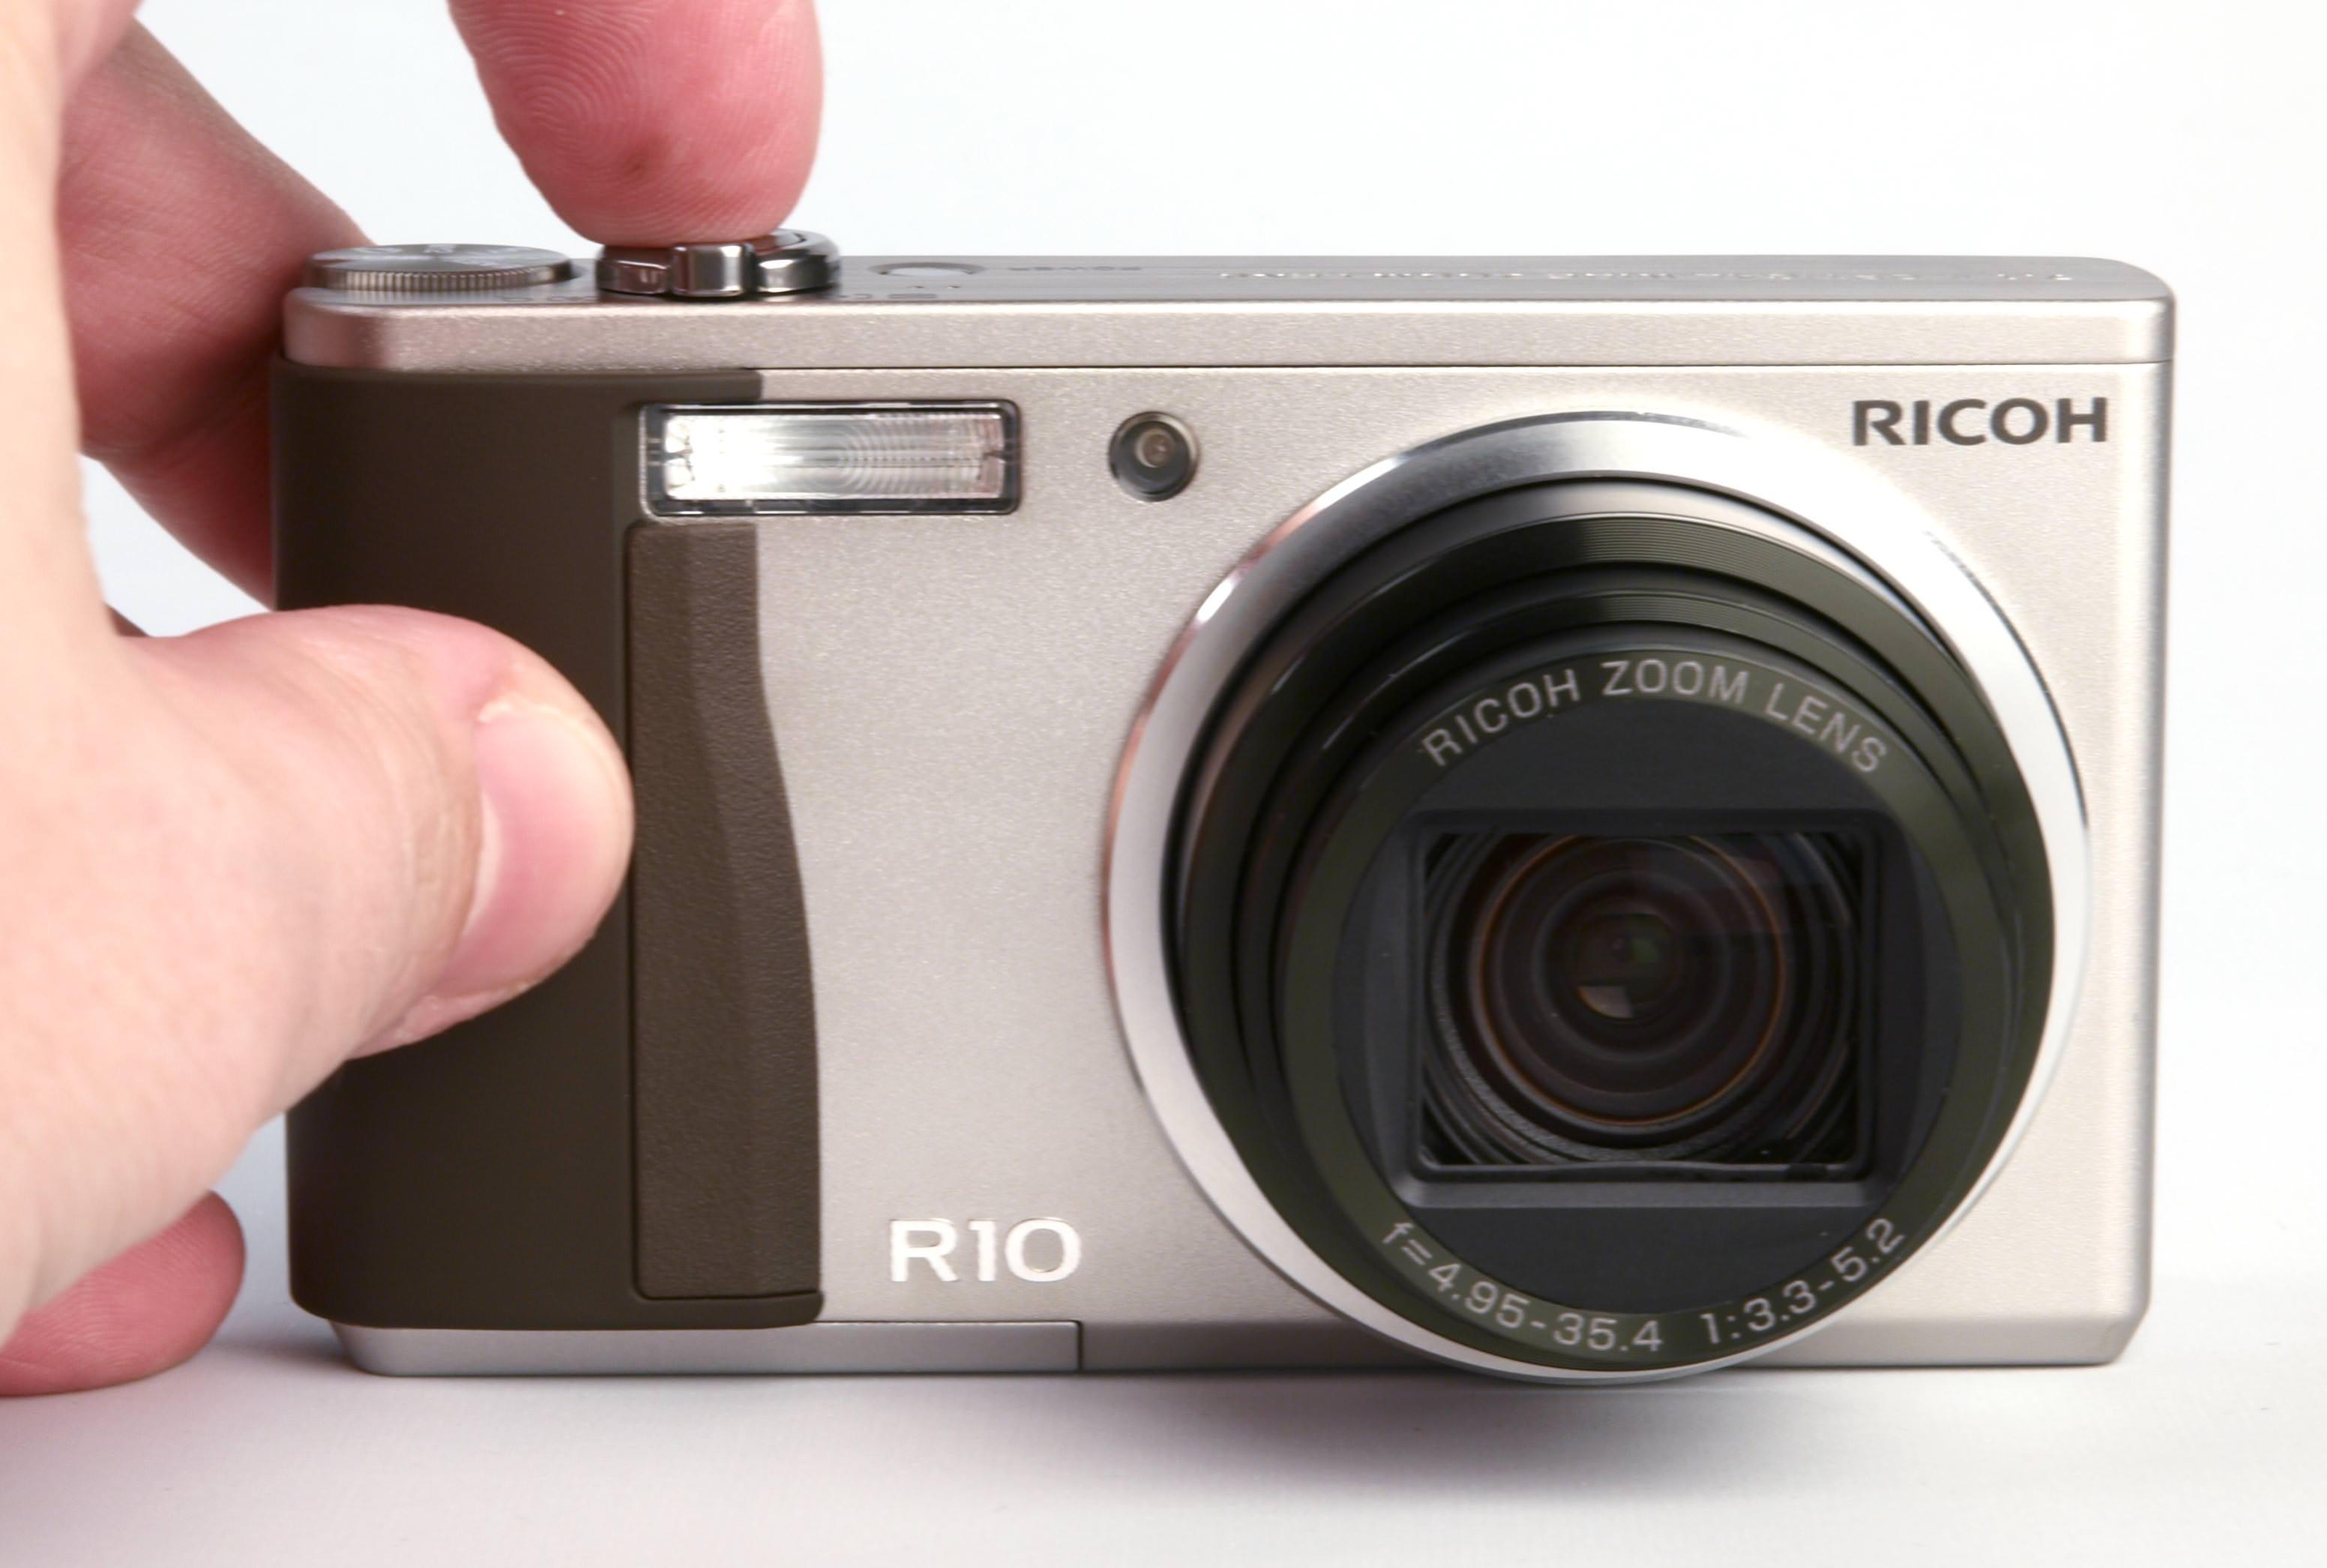 Ricoh R10 Digital Camera Review | ePHOTOzine